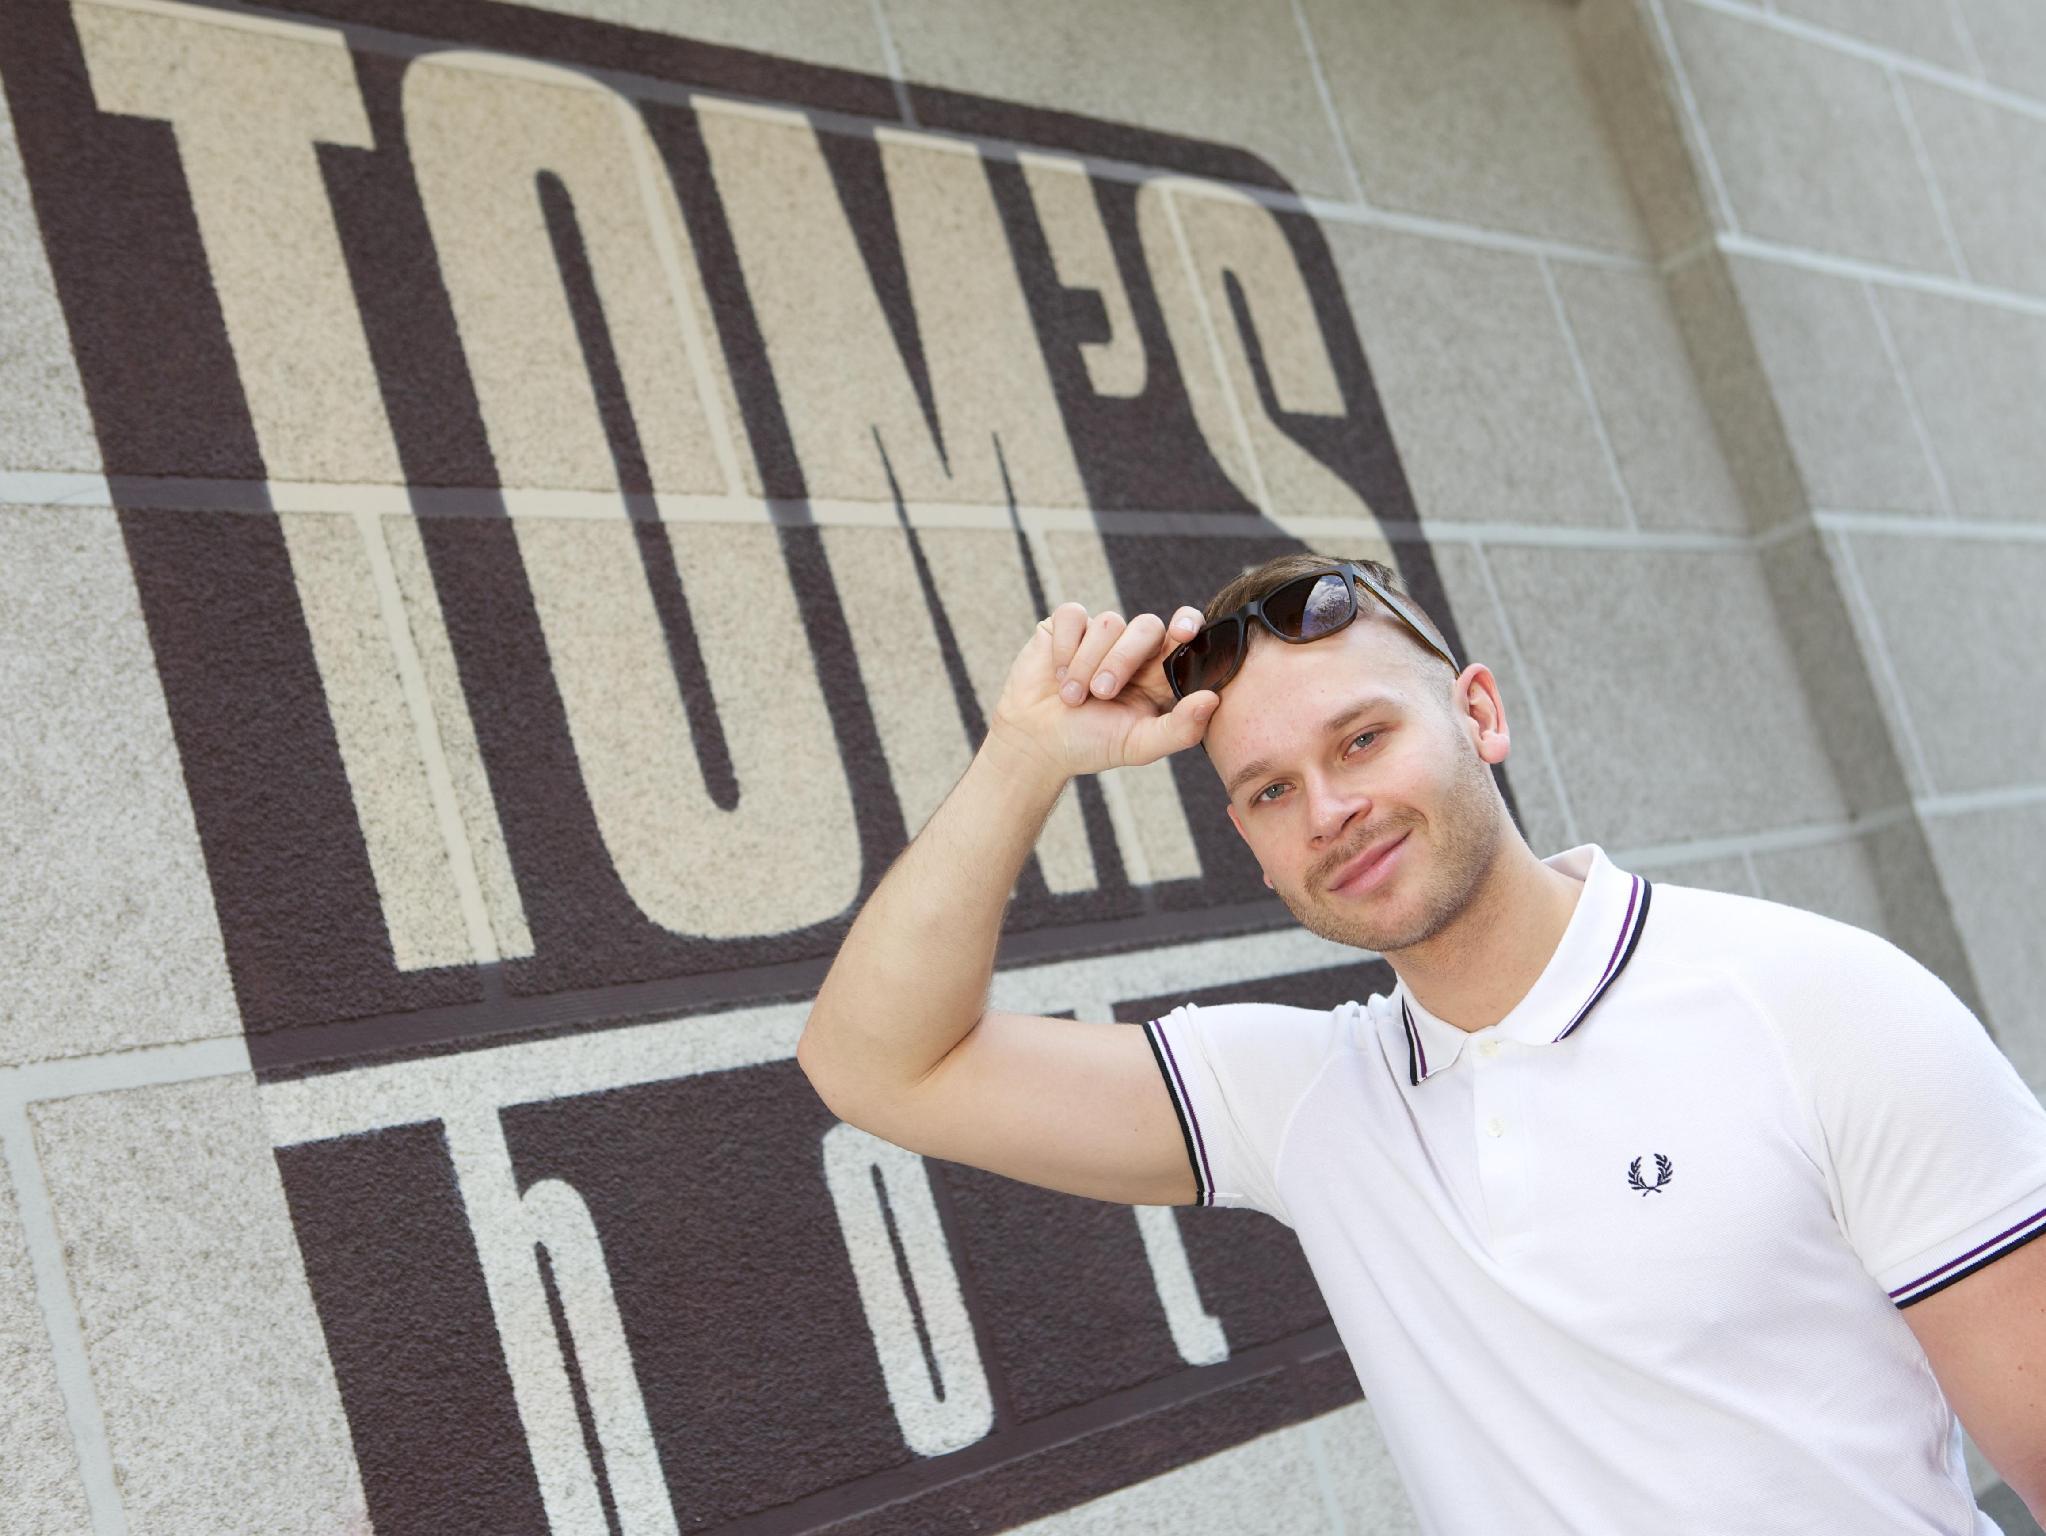 湯姆旅館(同志旅館)